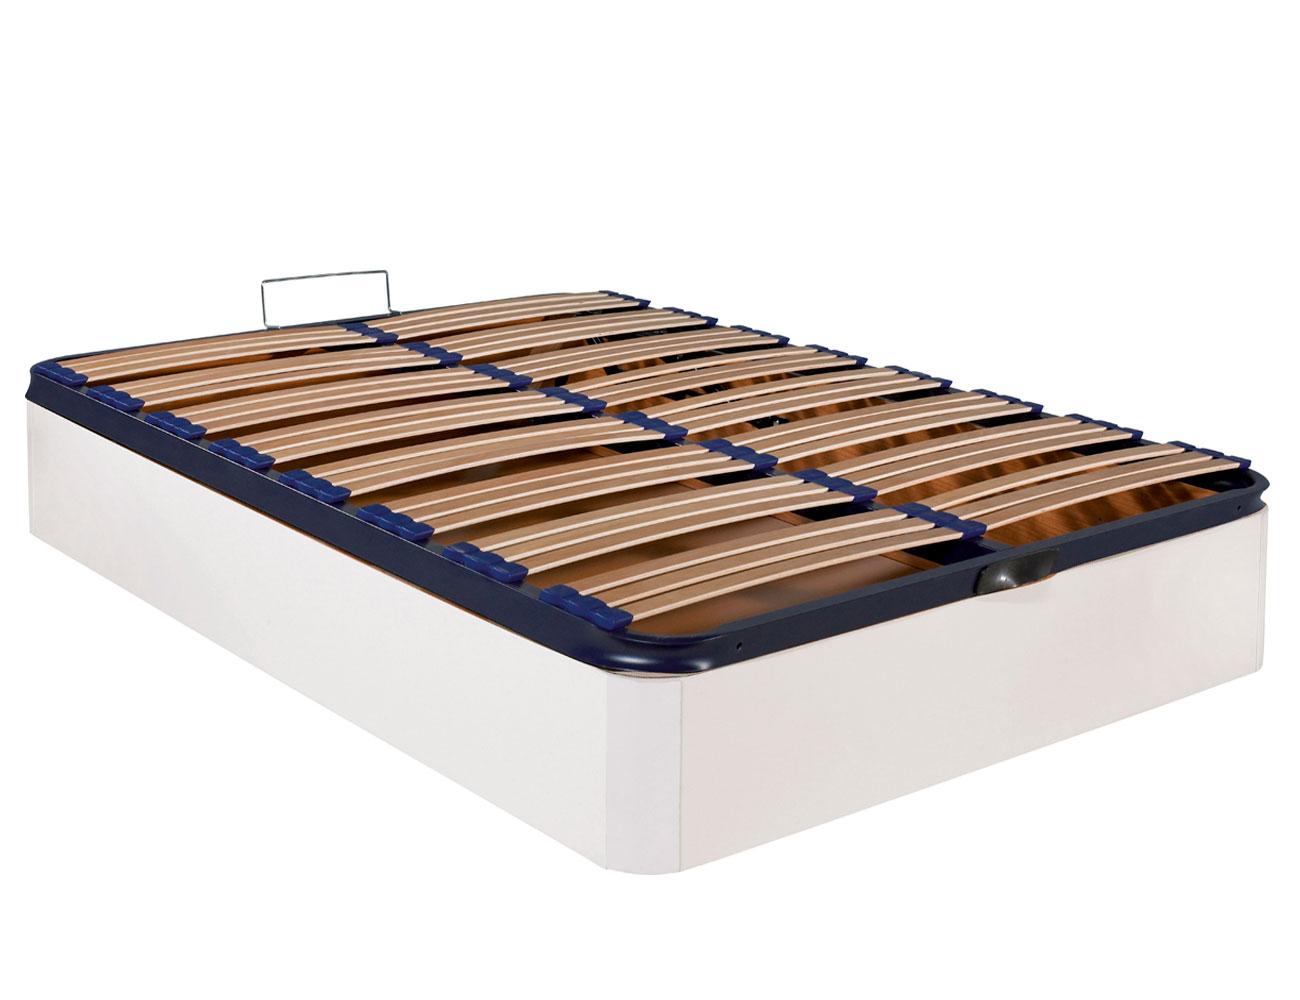 Canape madera blanco somier multilaminas barato ebro cerrado2